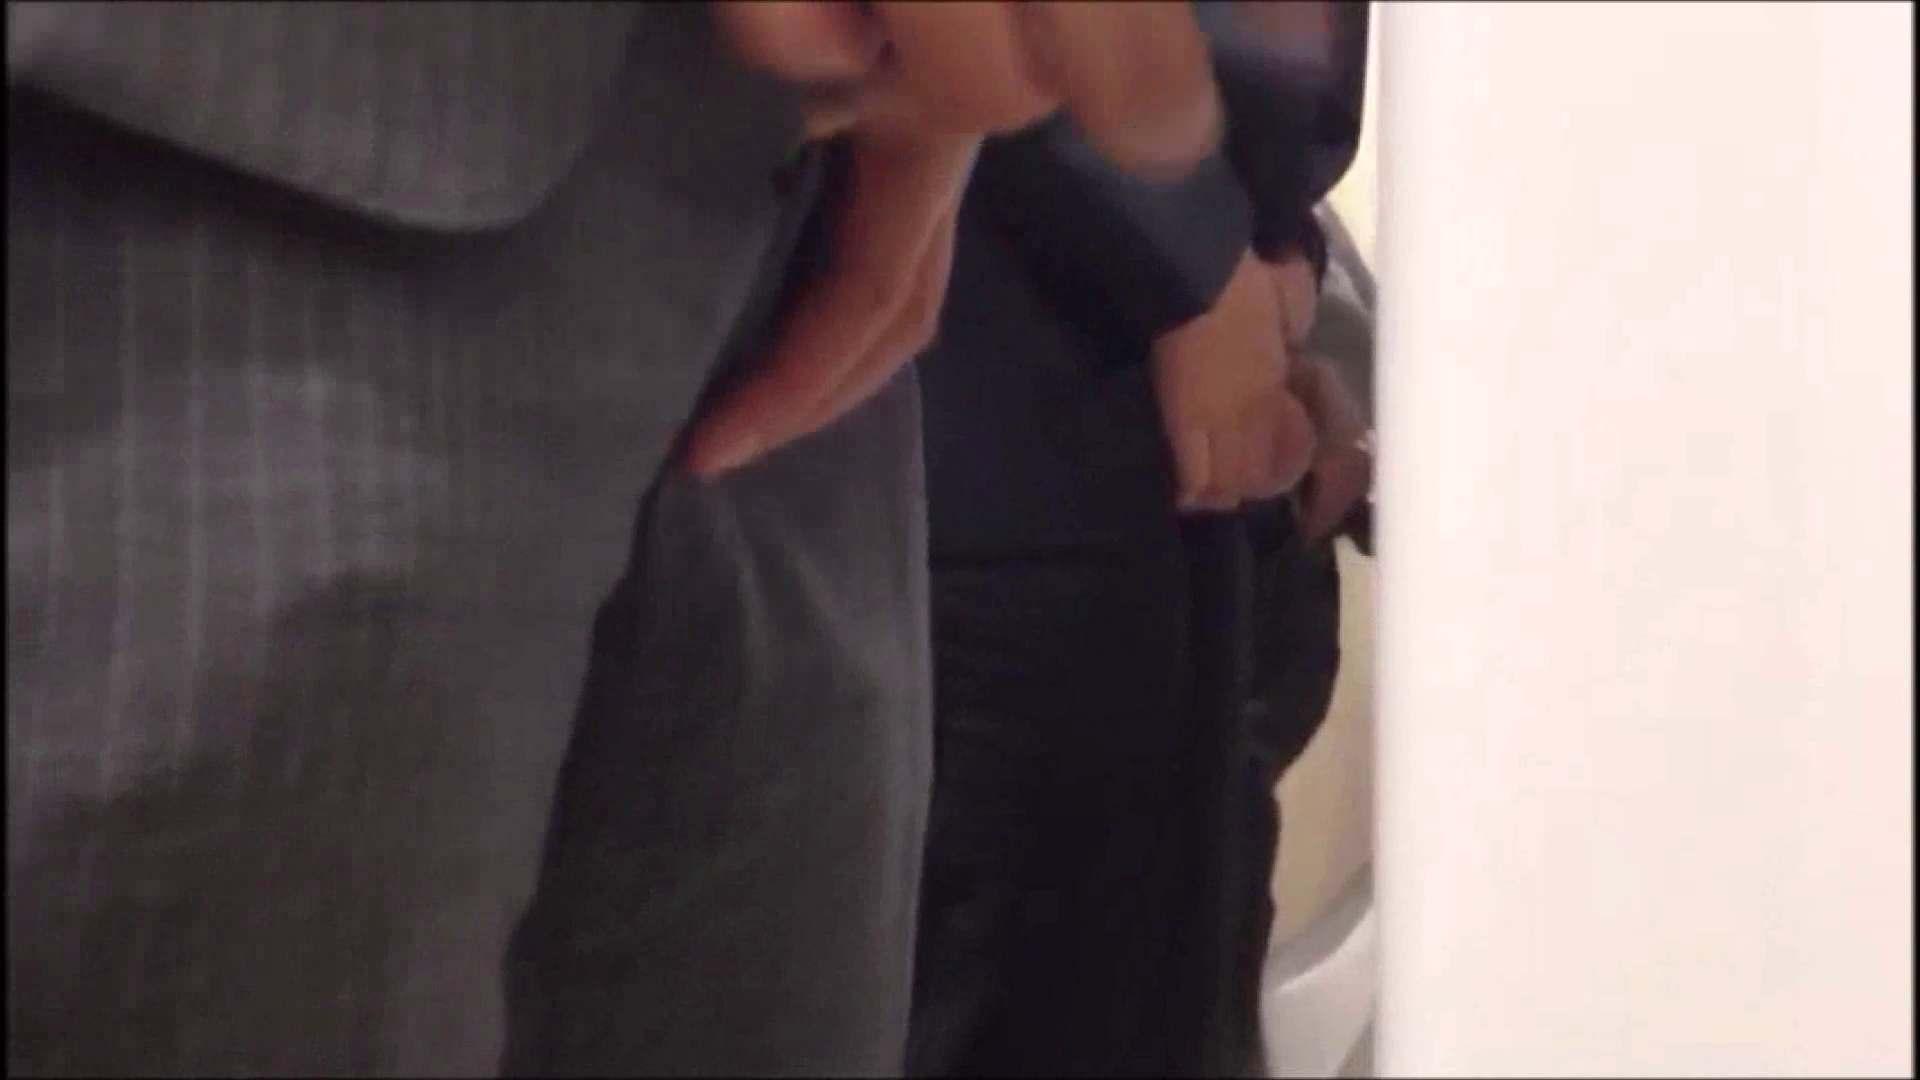 普段の貴方を隠し撮り Vol.02 隠し撮り | 男性トイレ  15枚 10